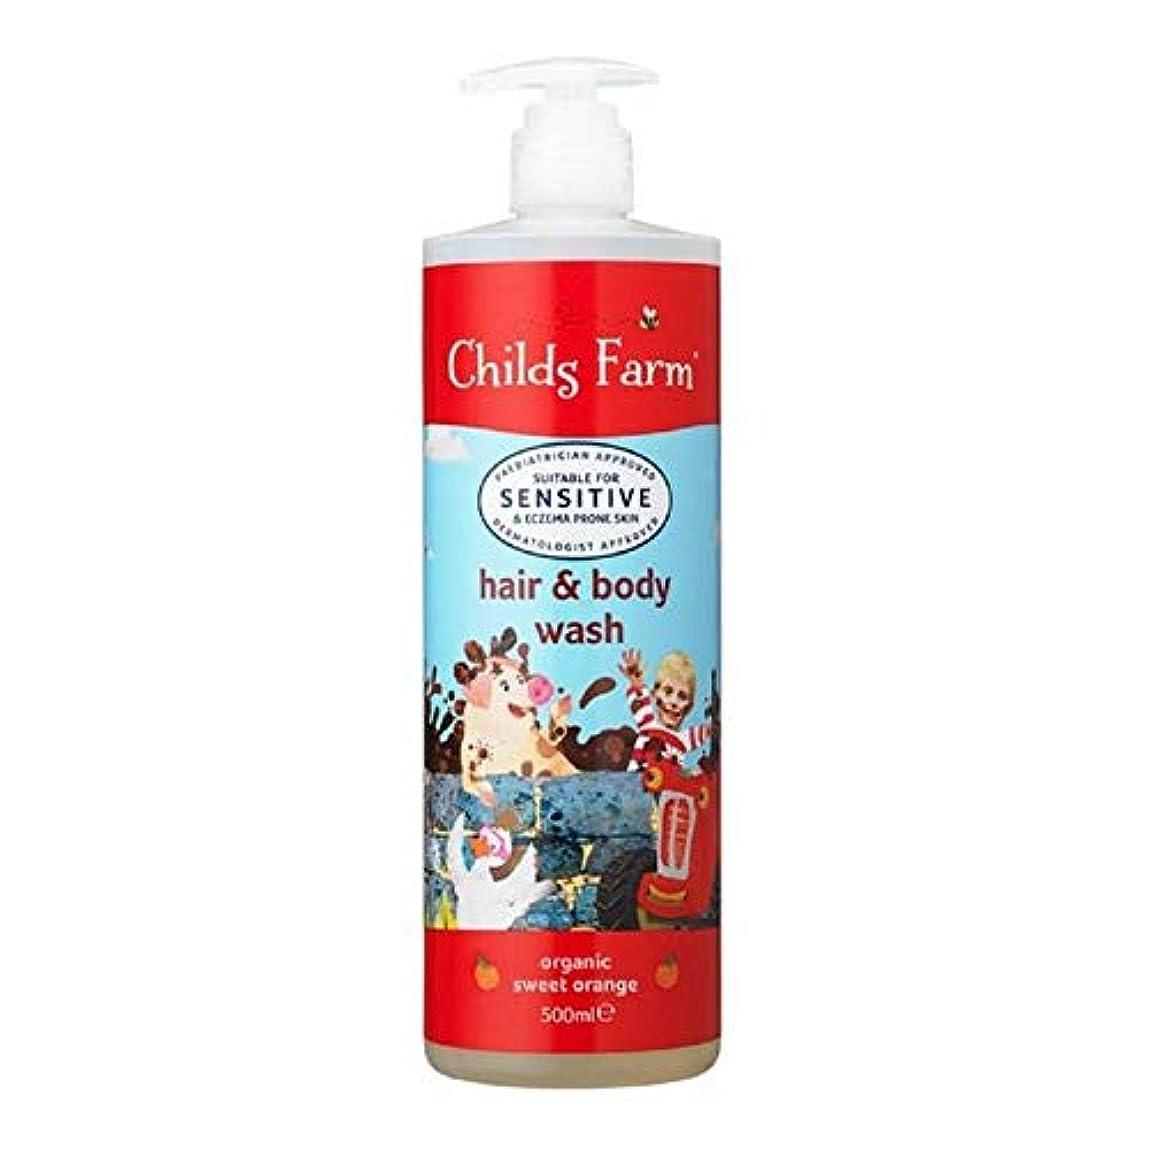 懸念非難する光沢[Childs Farm ] チャイルズファームヘア&ボディウォッシュ有機スイートオレンジ500ミリリットル - Childs Farm Hair & Body Wash Organic Sweet Orange 500ml...